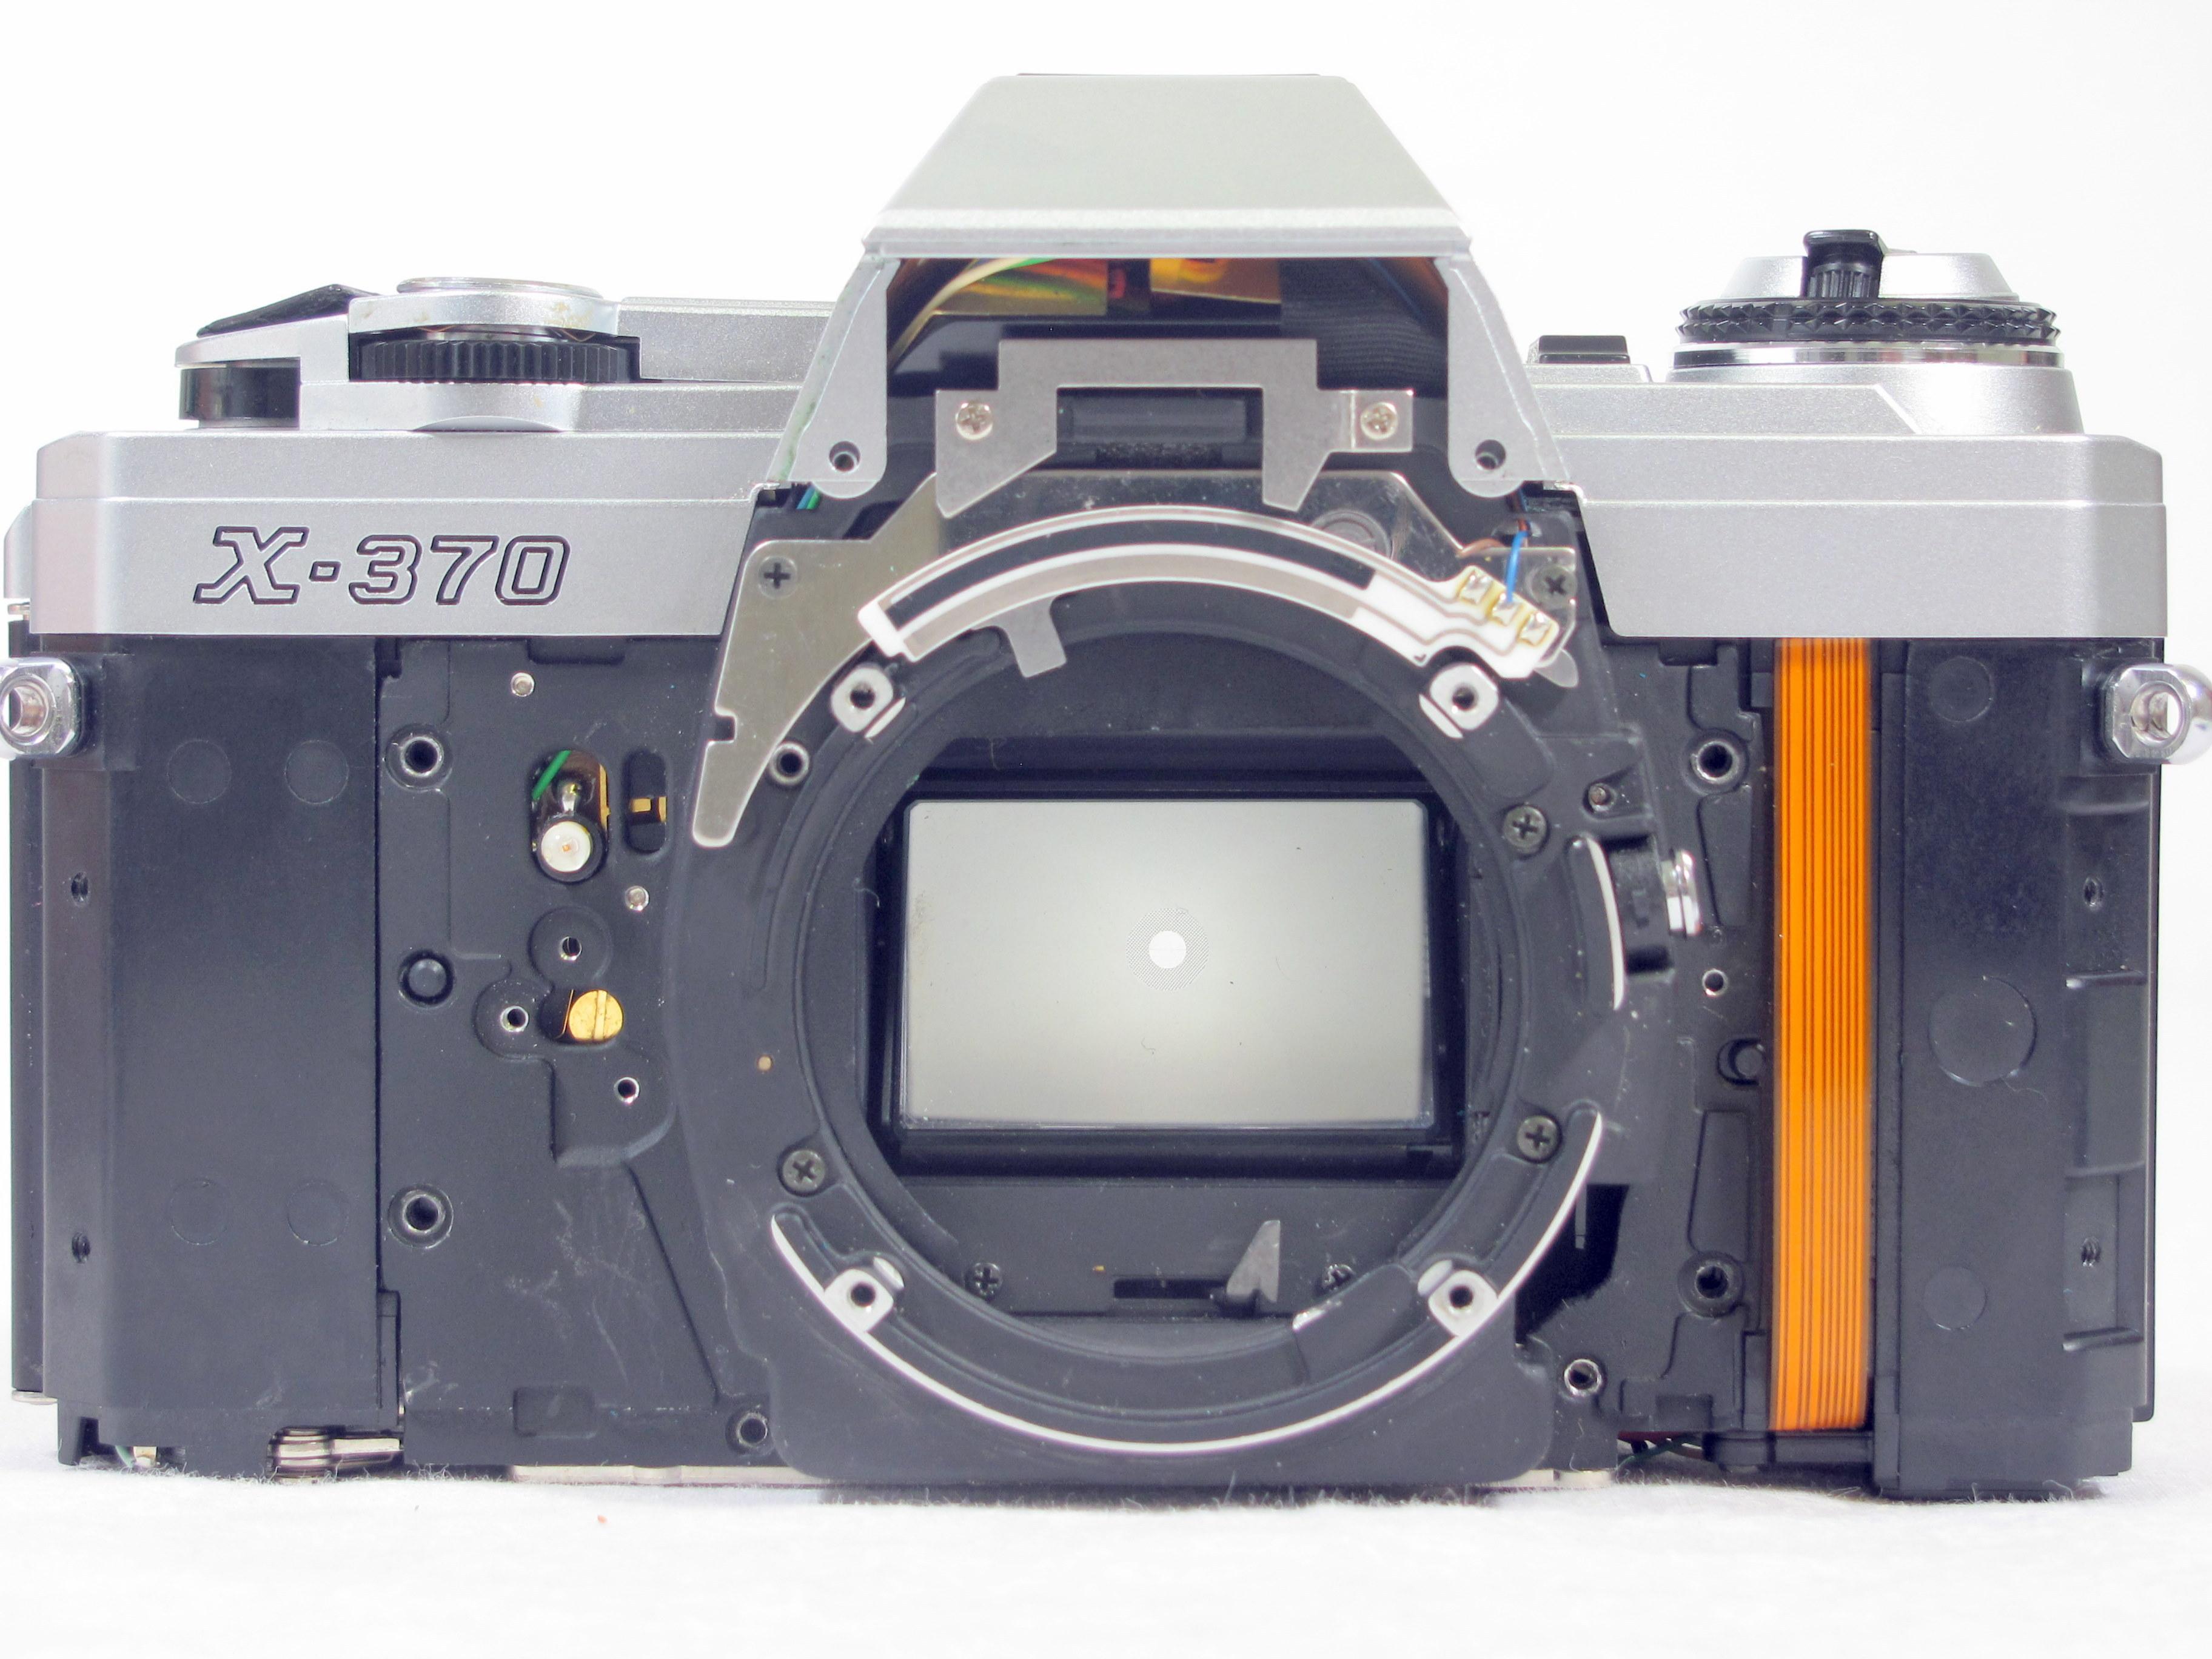 minolta x 370 repair ifixit rh ifixit com Minolta AF Camera Minolta Cameras